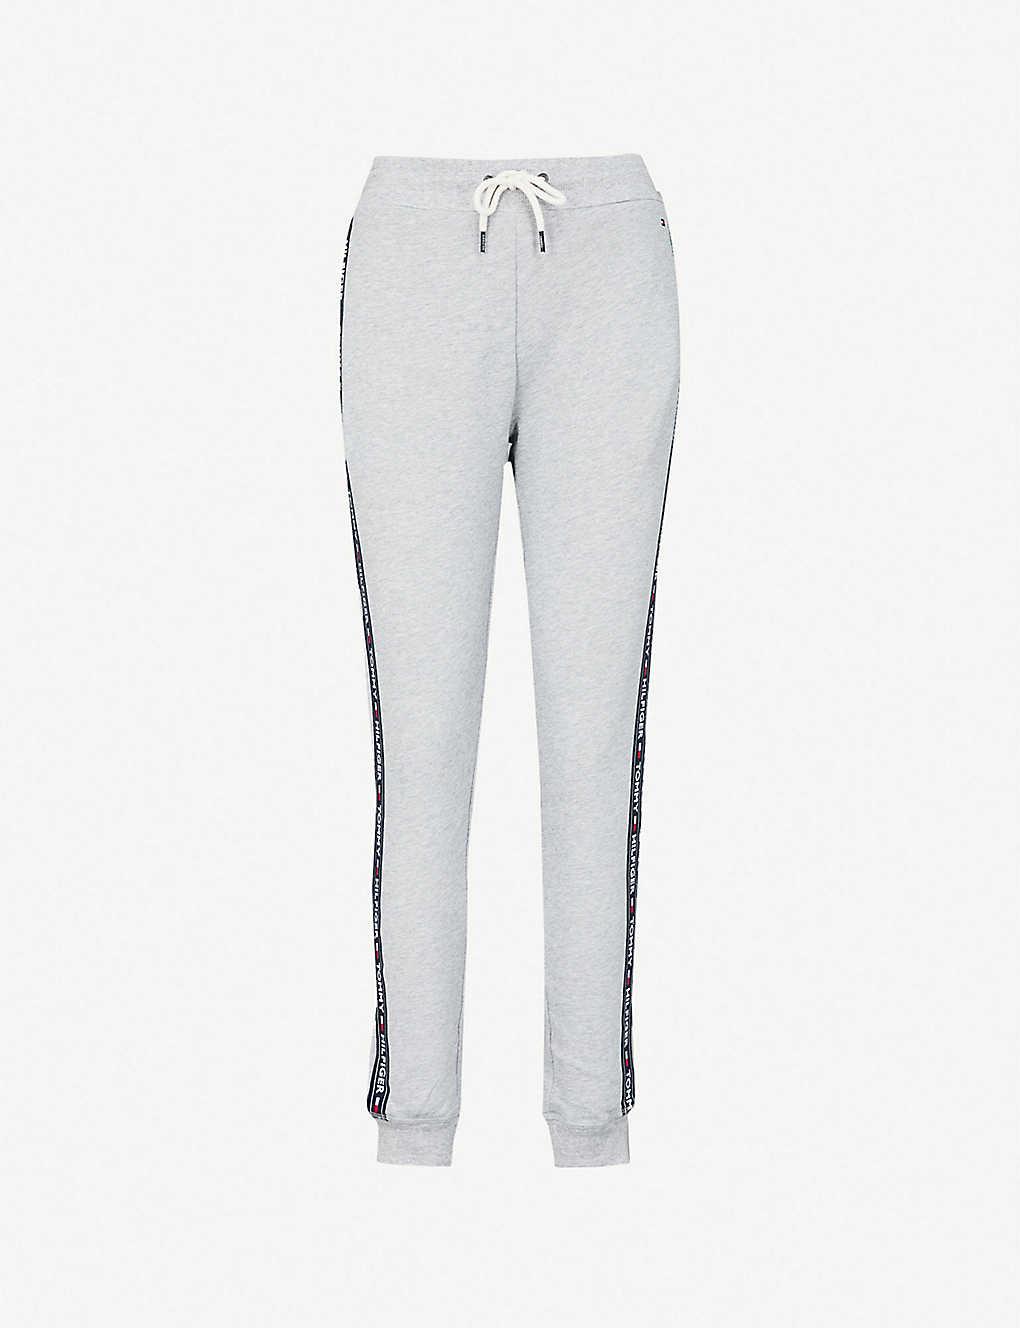 e9d6662a47 TOMMY HILFIGER - Nostalgia cotton-blend jogging bottoms | Selfridges.com